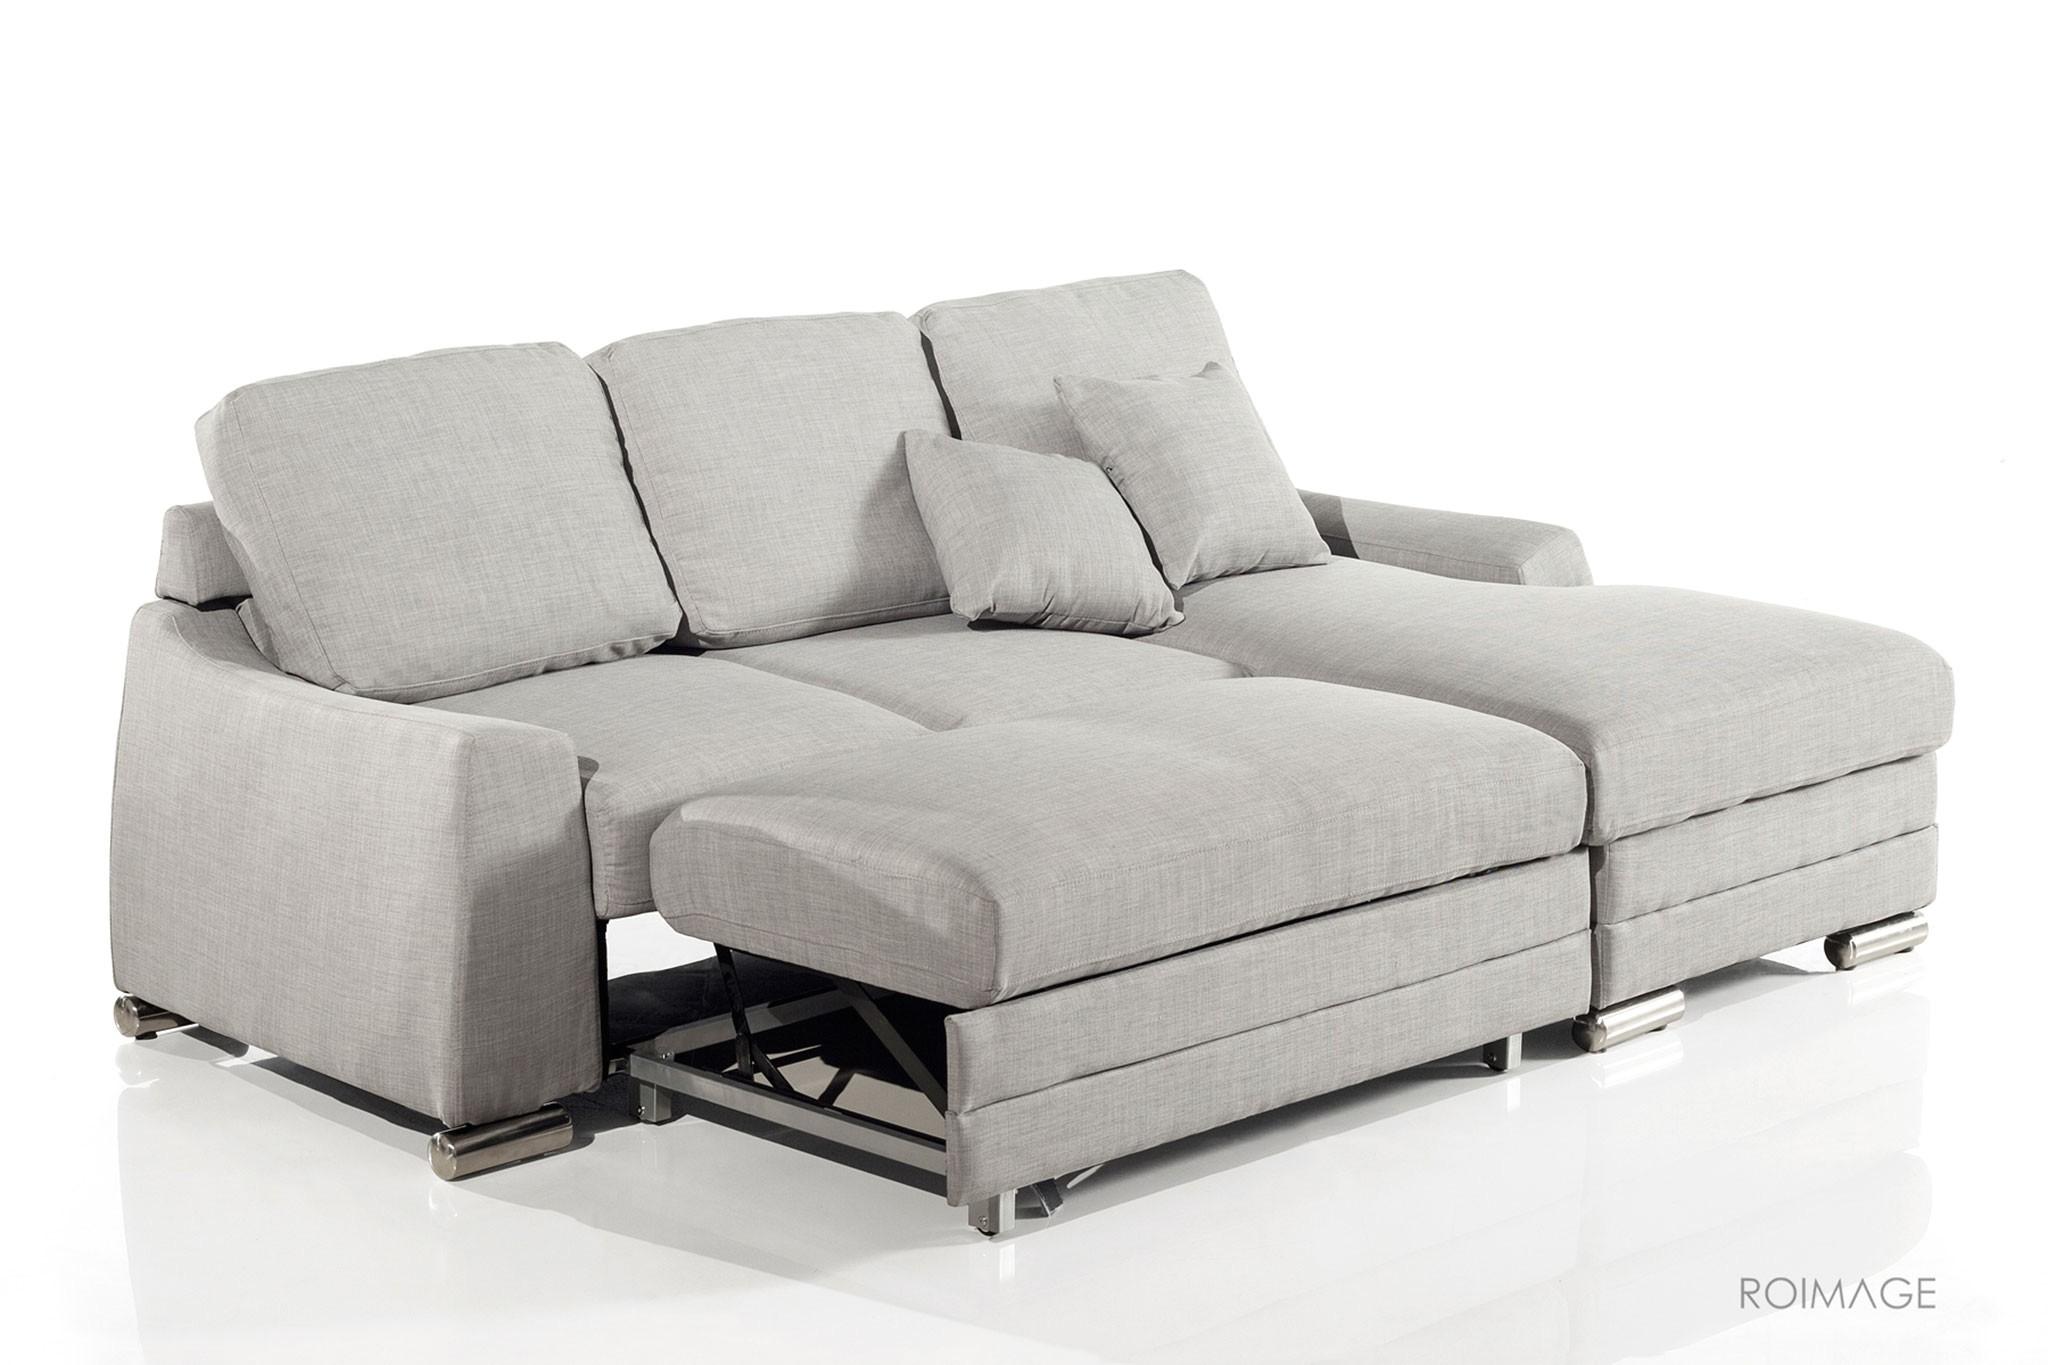 Lit Canapé Escamotable Ikea Nouveau Stock Lit Armoire Canapé Beautiful Canap En U Convertible 12 Full Canape D